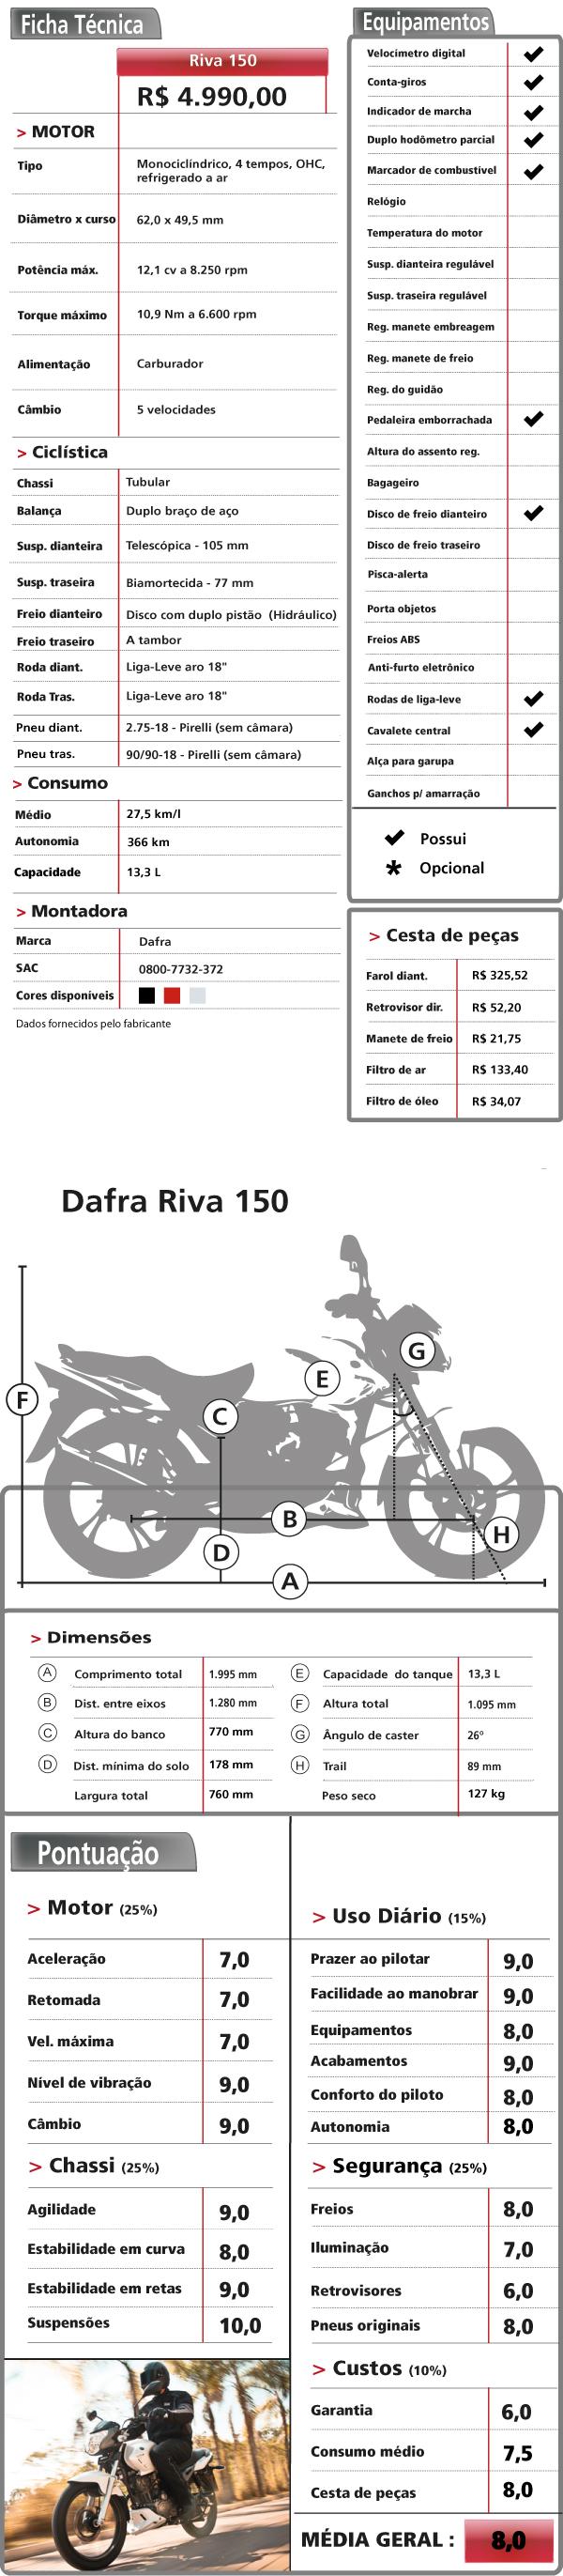 Dafra Riva 1502 Dafra Riva 150   Uma pequena notável